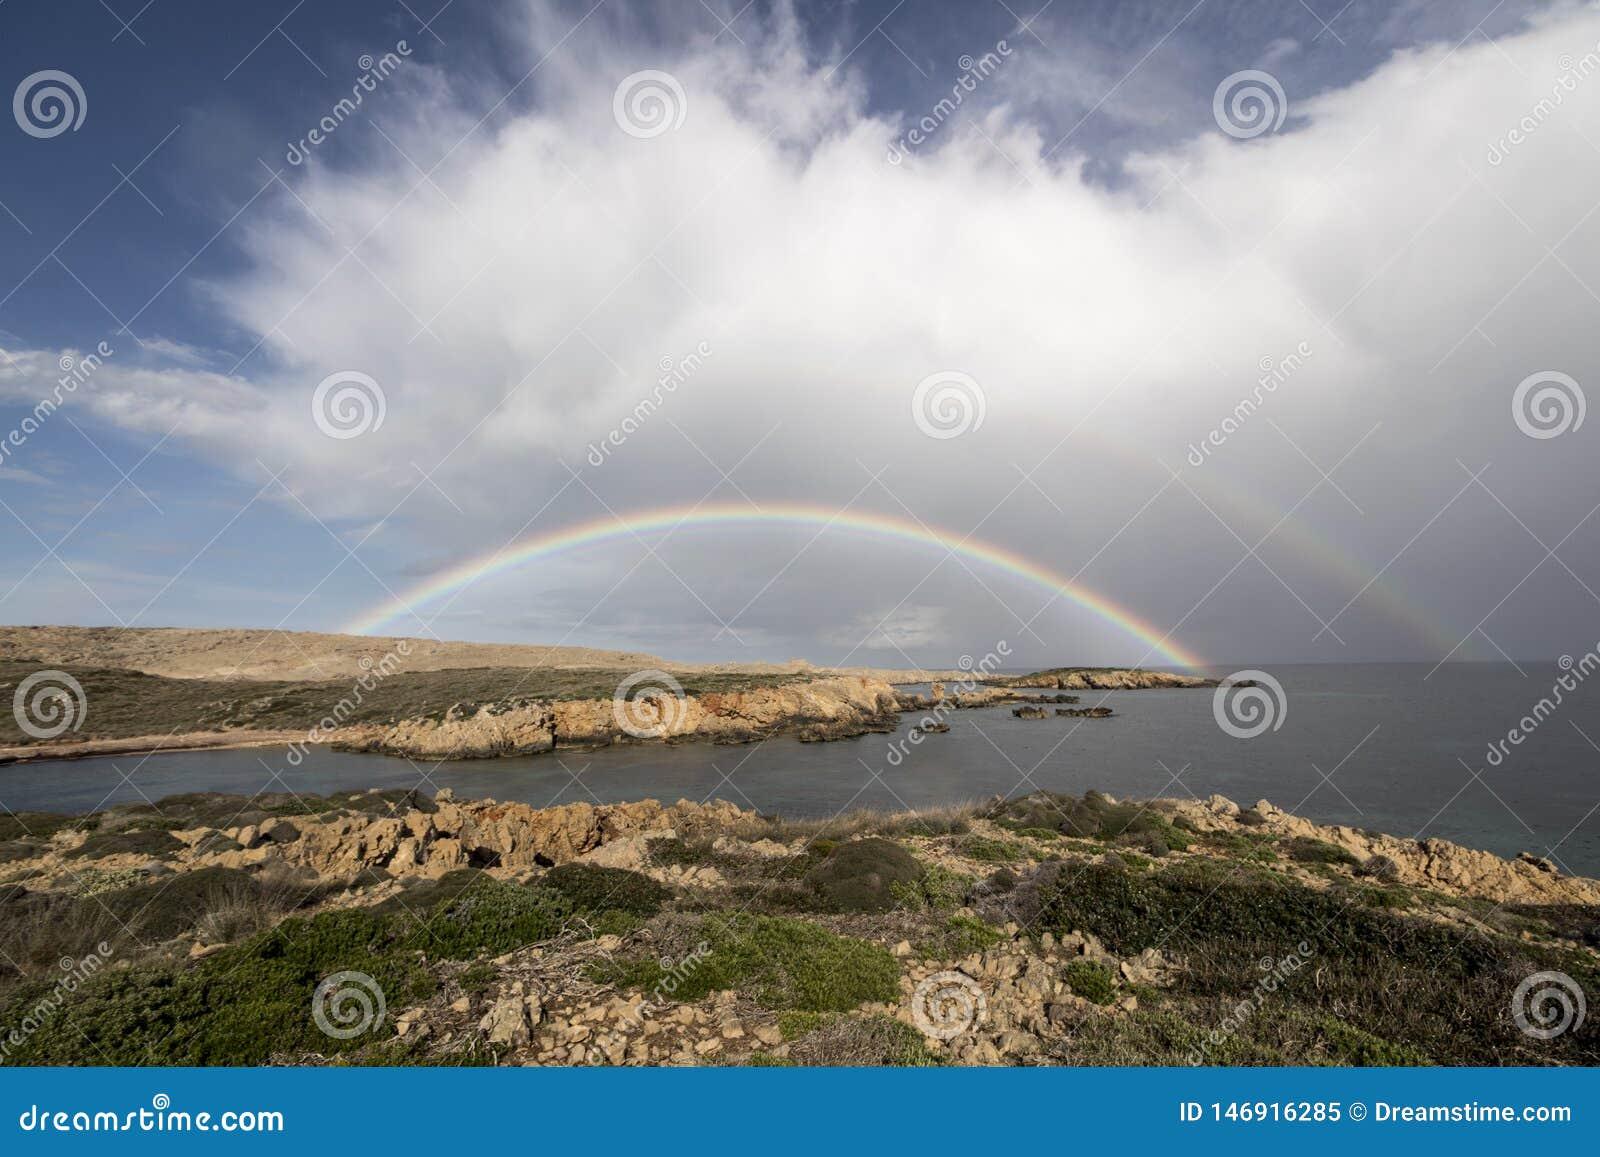 Någonstans över den dubbla regnbågen